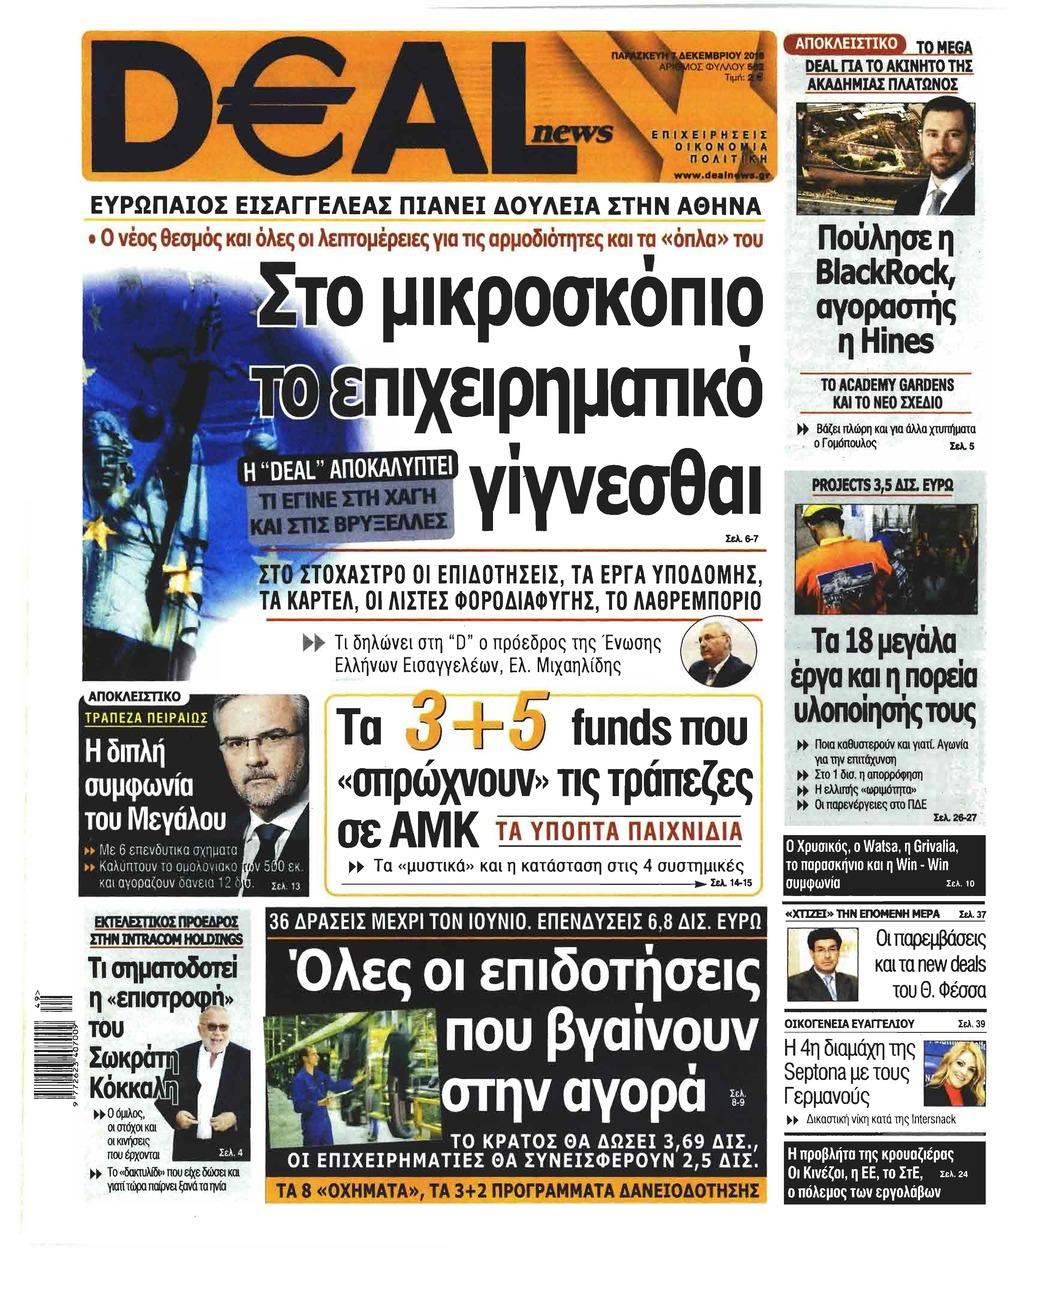 Πρωτοσέλιδο εφημερίδας Deal